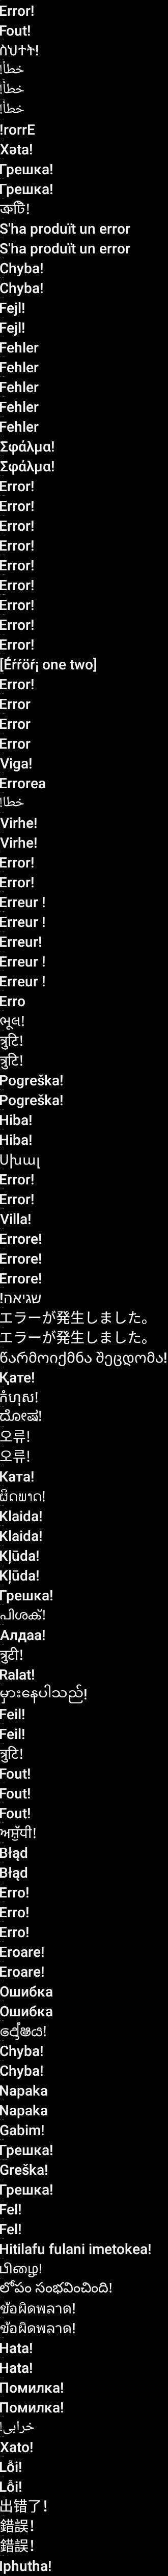 res-xhdpi/images/error_text.png